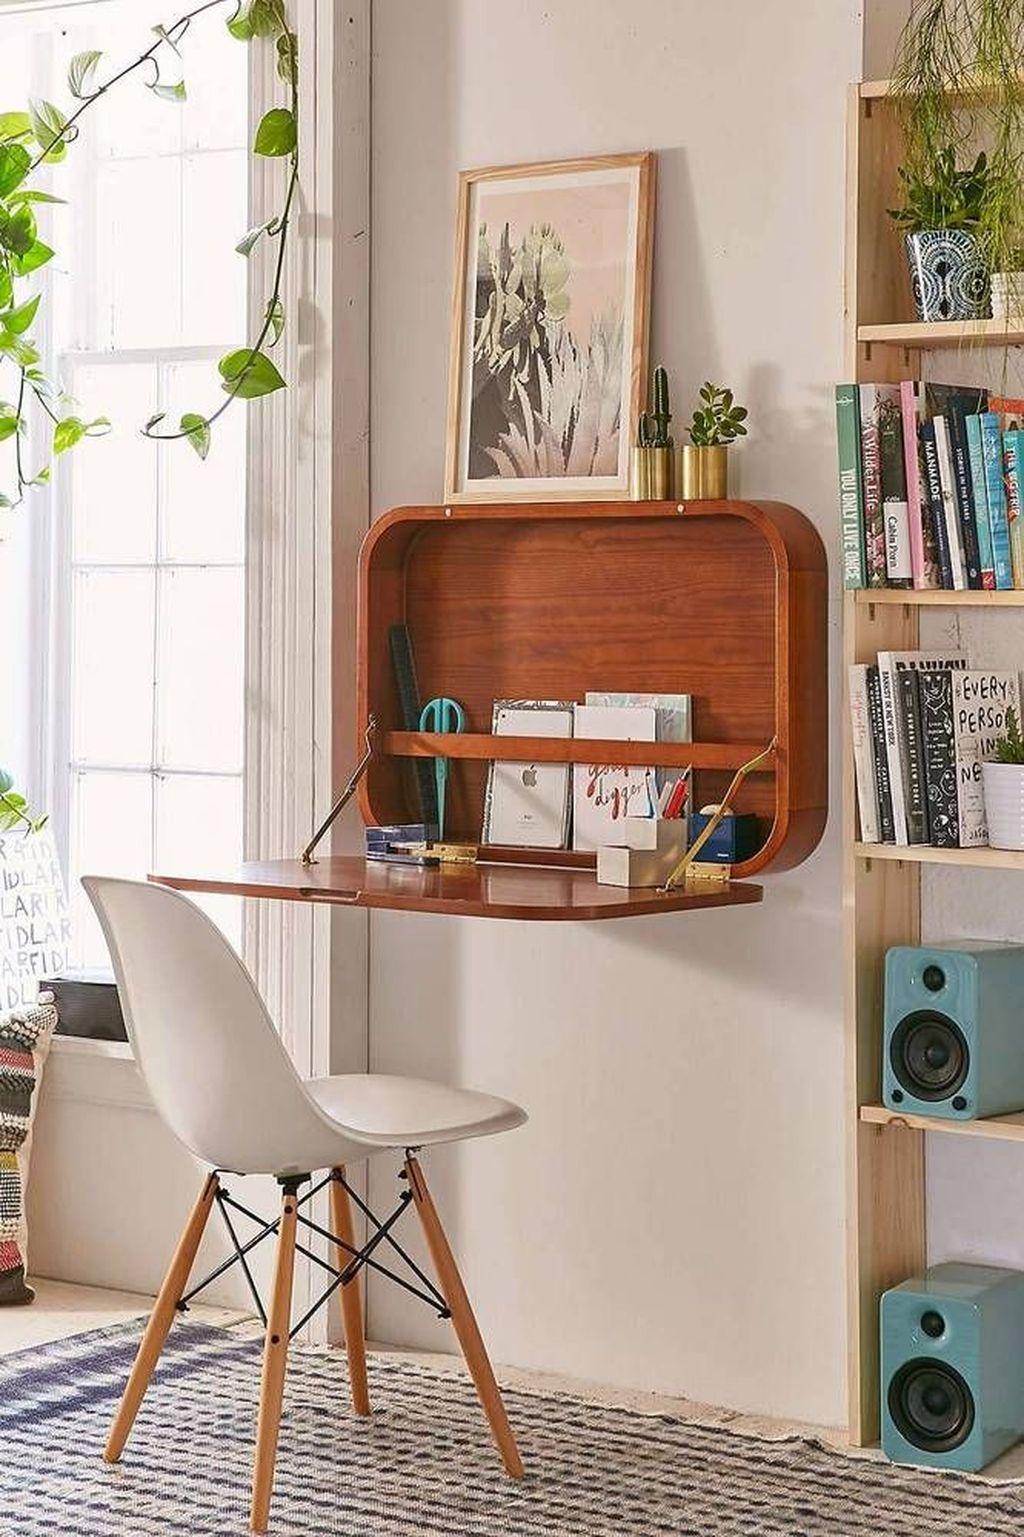 Brilliant Tiny Apartment Decorating Ideas You Should Copy 19